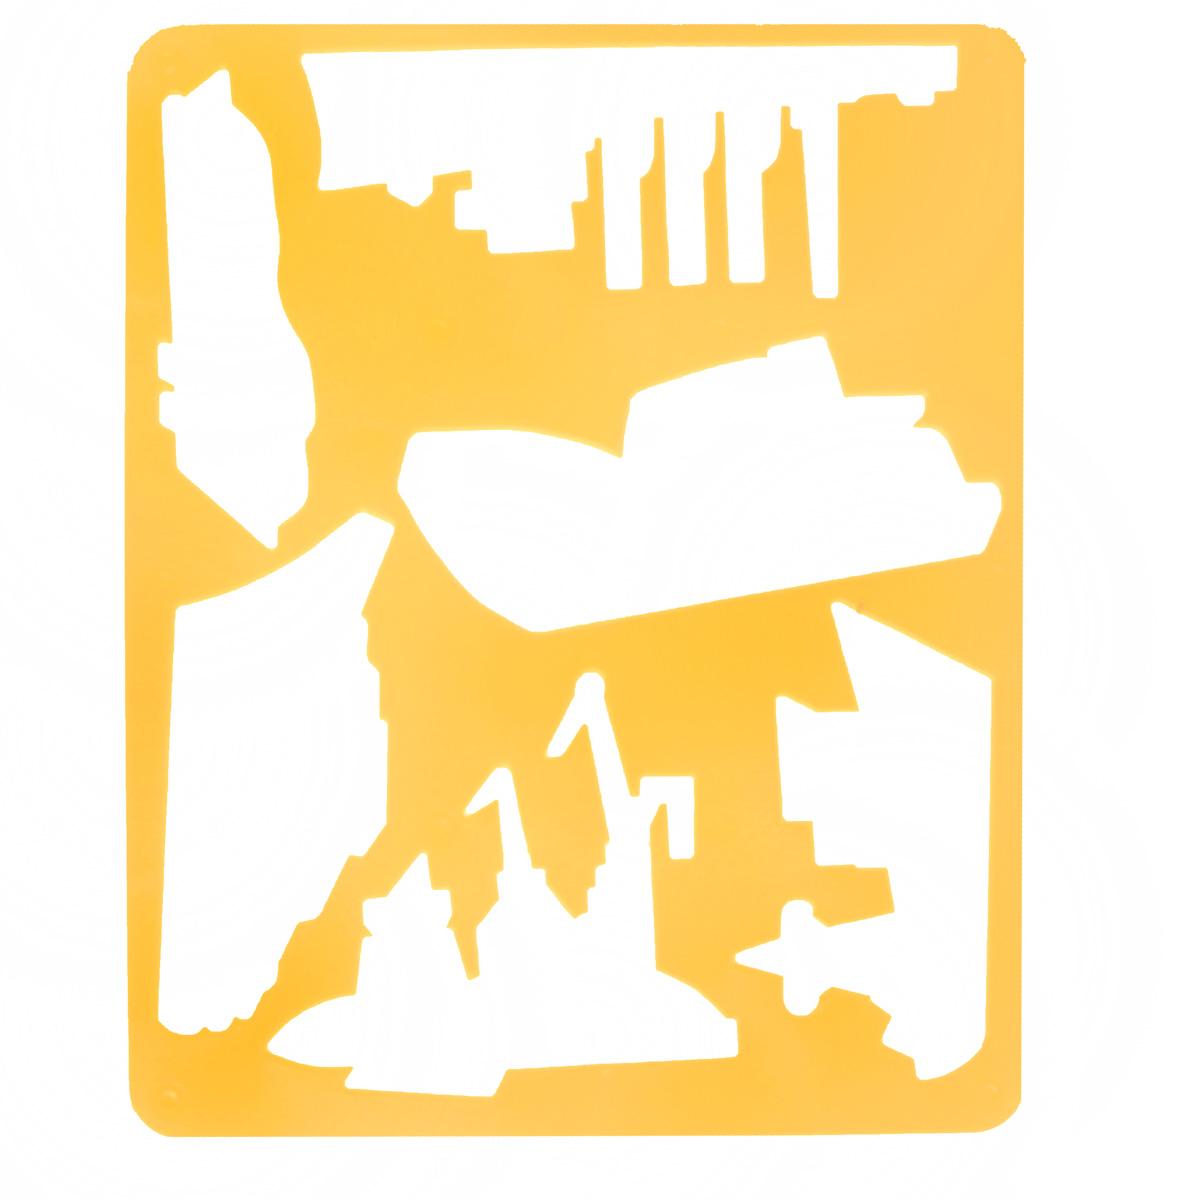 Трафарет прорезной Луч Современные корабли10С 564-08Трафарет Луч Современные корабли, выполненный из безопасного пластика, предназначен для детского творчества. По трафарету маленький художник сможет нарисовать различные виды кораблей. Для этого необходимо положить трафарет на лист бумаги, обвести фигуру по контуру и раскрасить по своему вкусу или глядя на цветную картинку-образец. Трафареты предназначены для развития у детей мелкой моторики и зрительно-двигательной координации, навыков художественной композиции и зрительного восприятия.